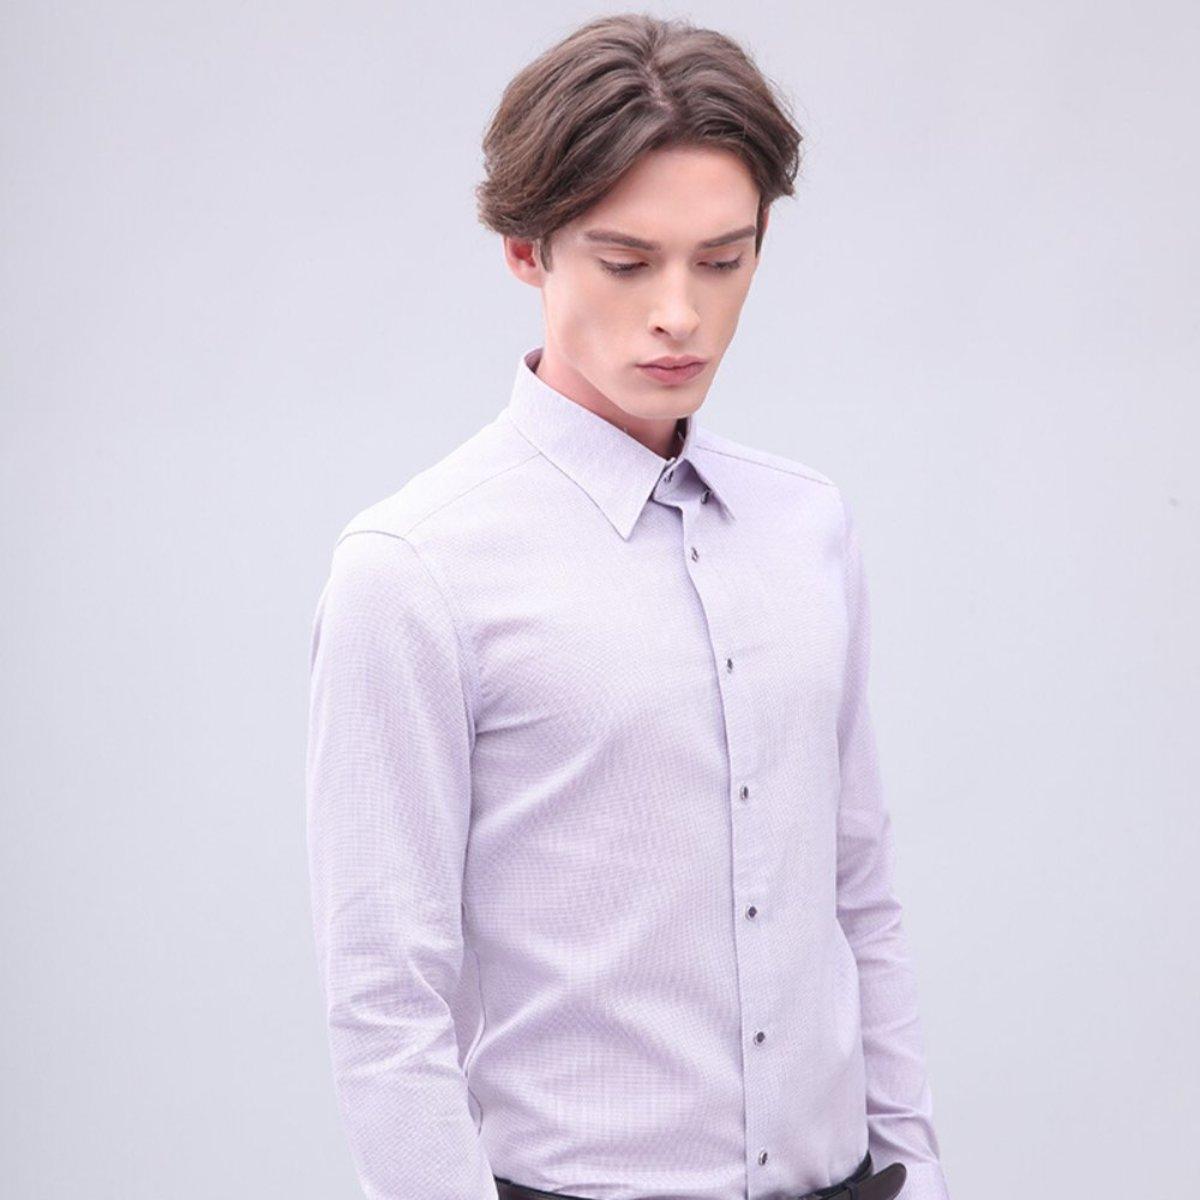 男士 全棉鈕扣領細密網紋恤衫 (紫色)